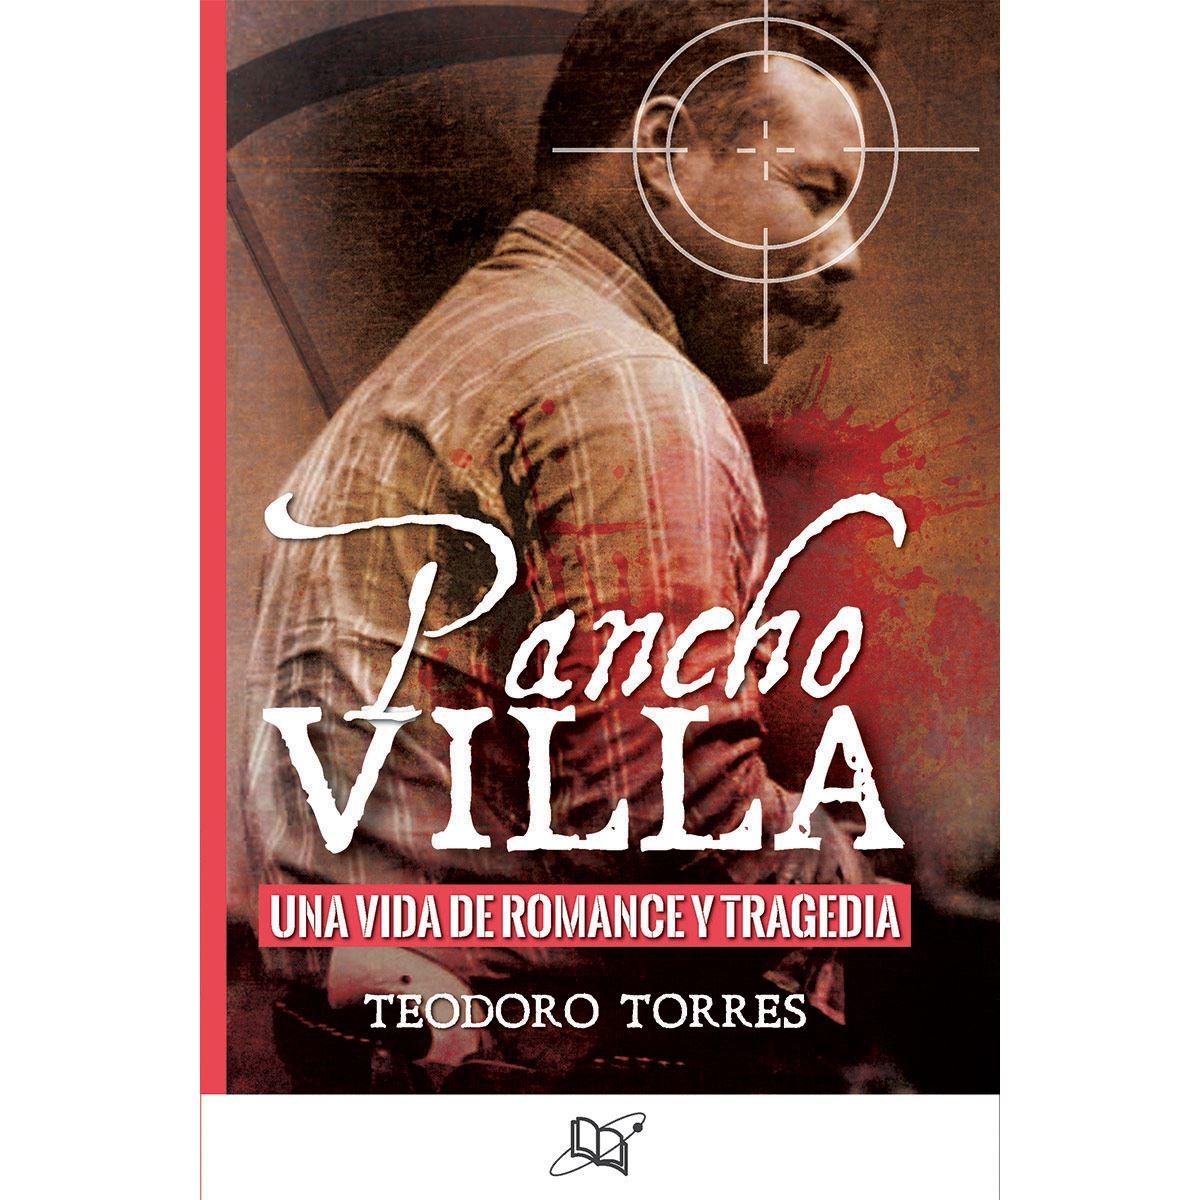 Pancho Villa una vida de romance y tragedia